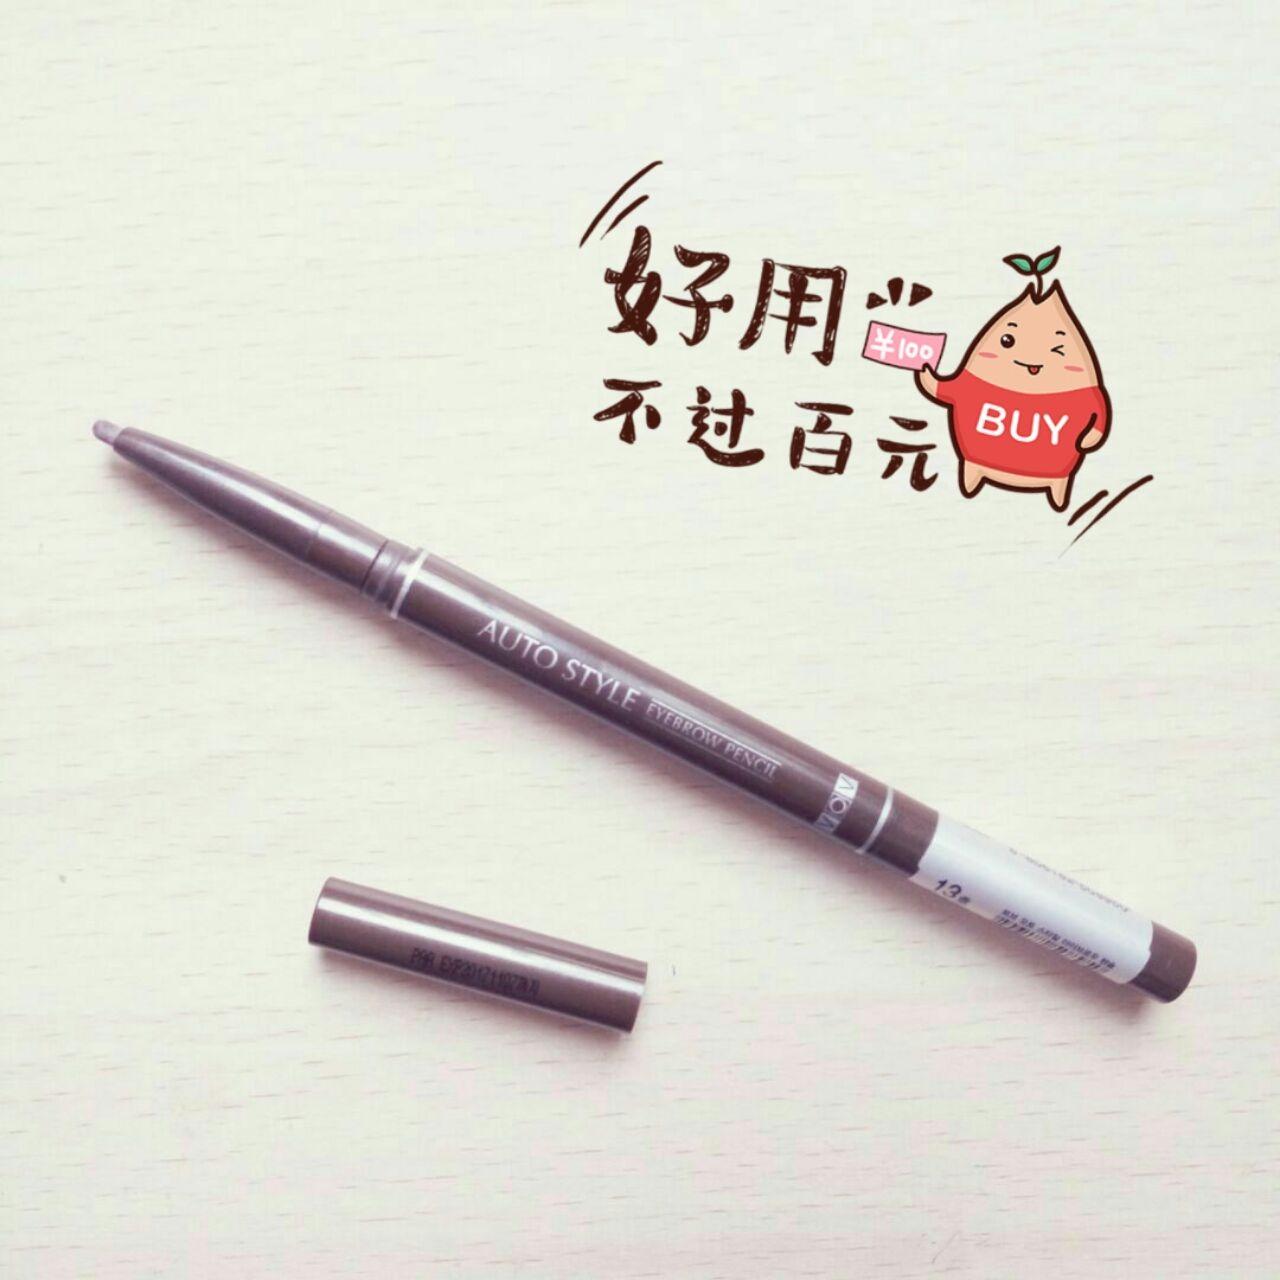 笔好用吗_vov 胡桃匣子限量版眼线笔